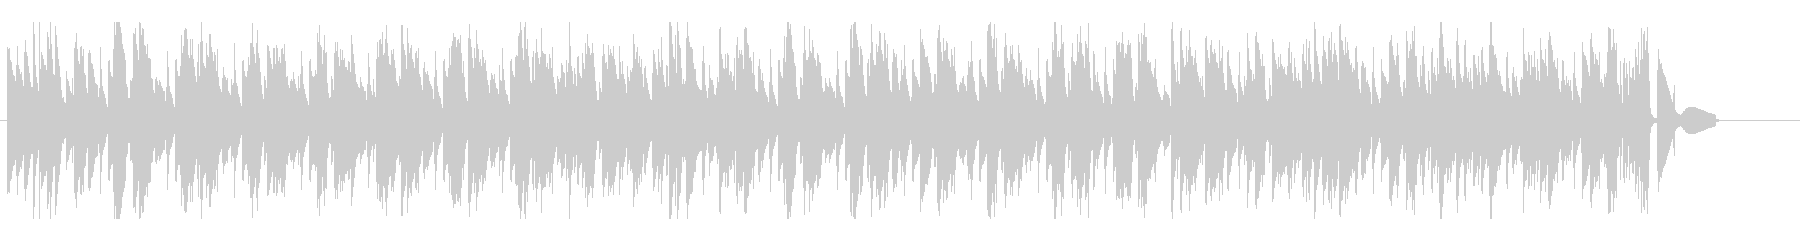 穏やか軽快な4ビート ピアノ・トリオの未再生の波形